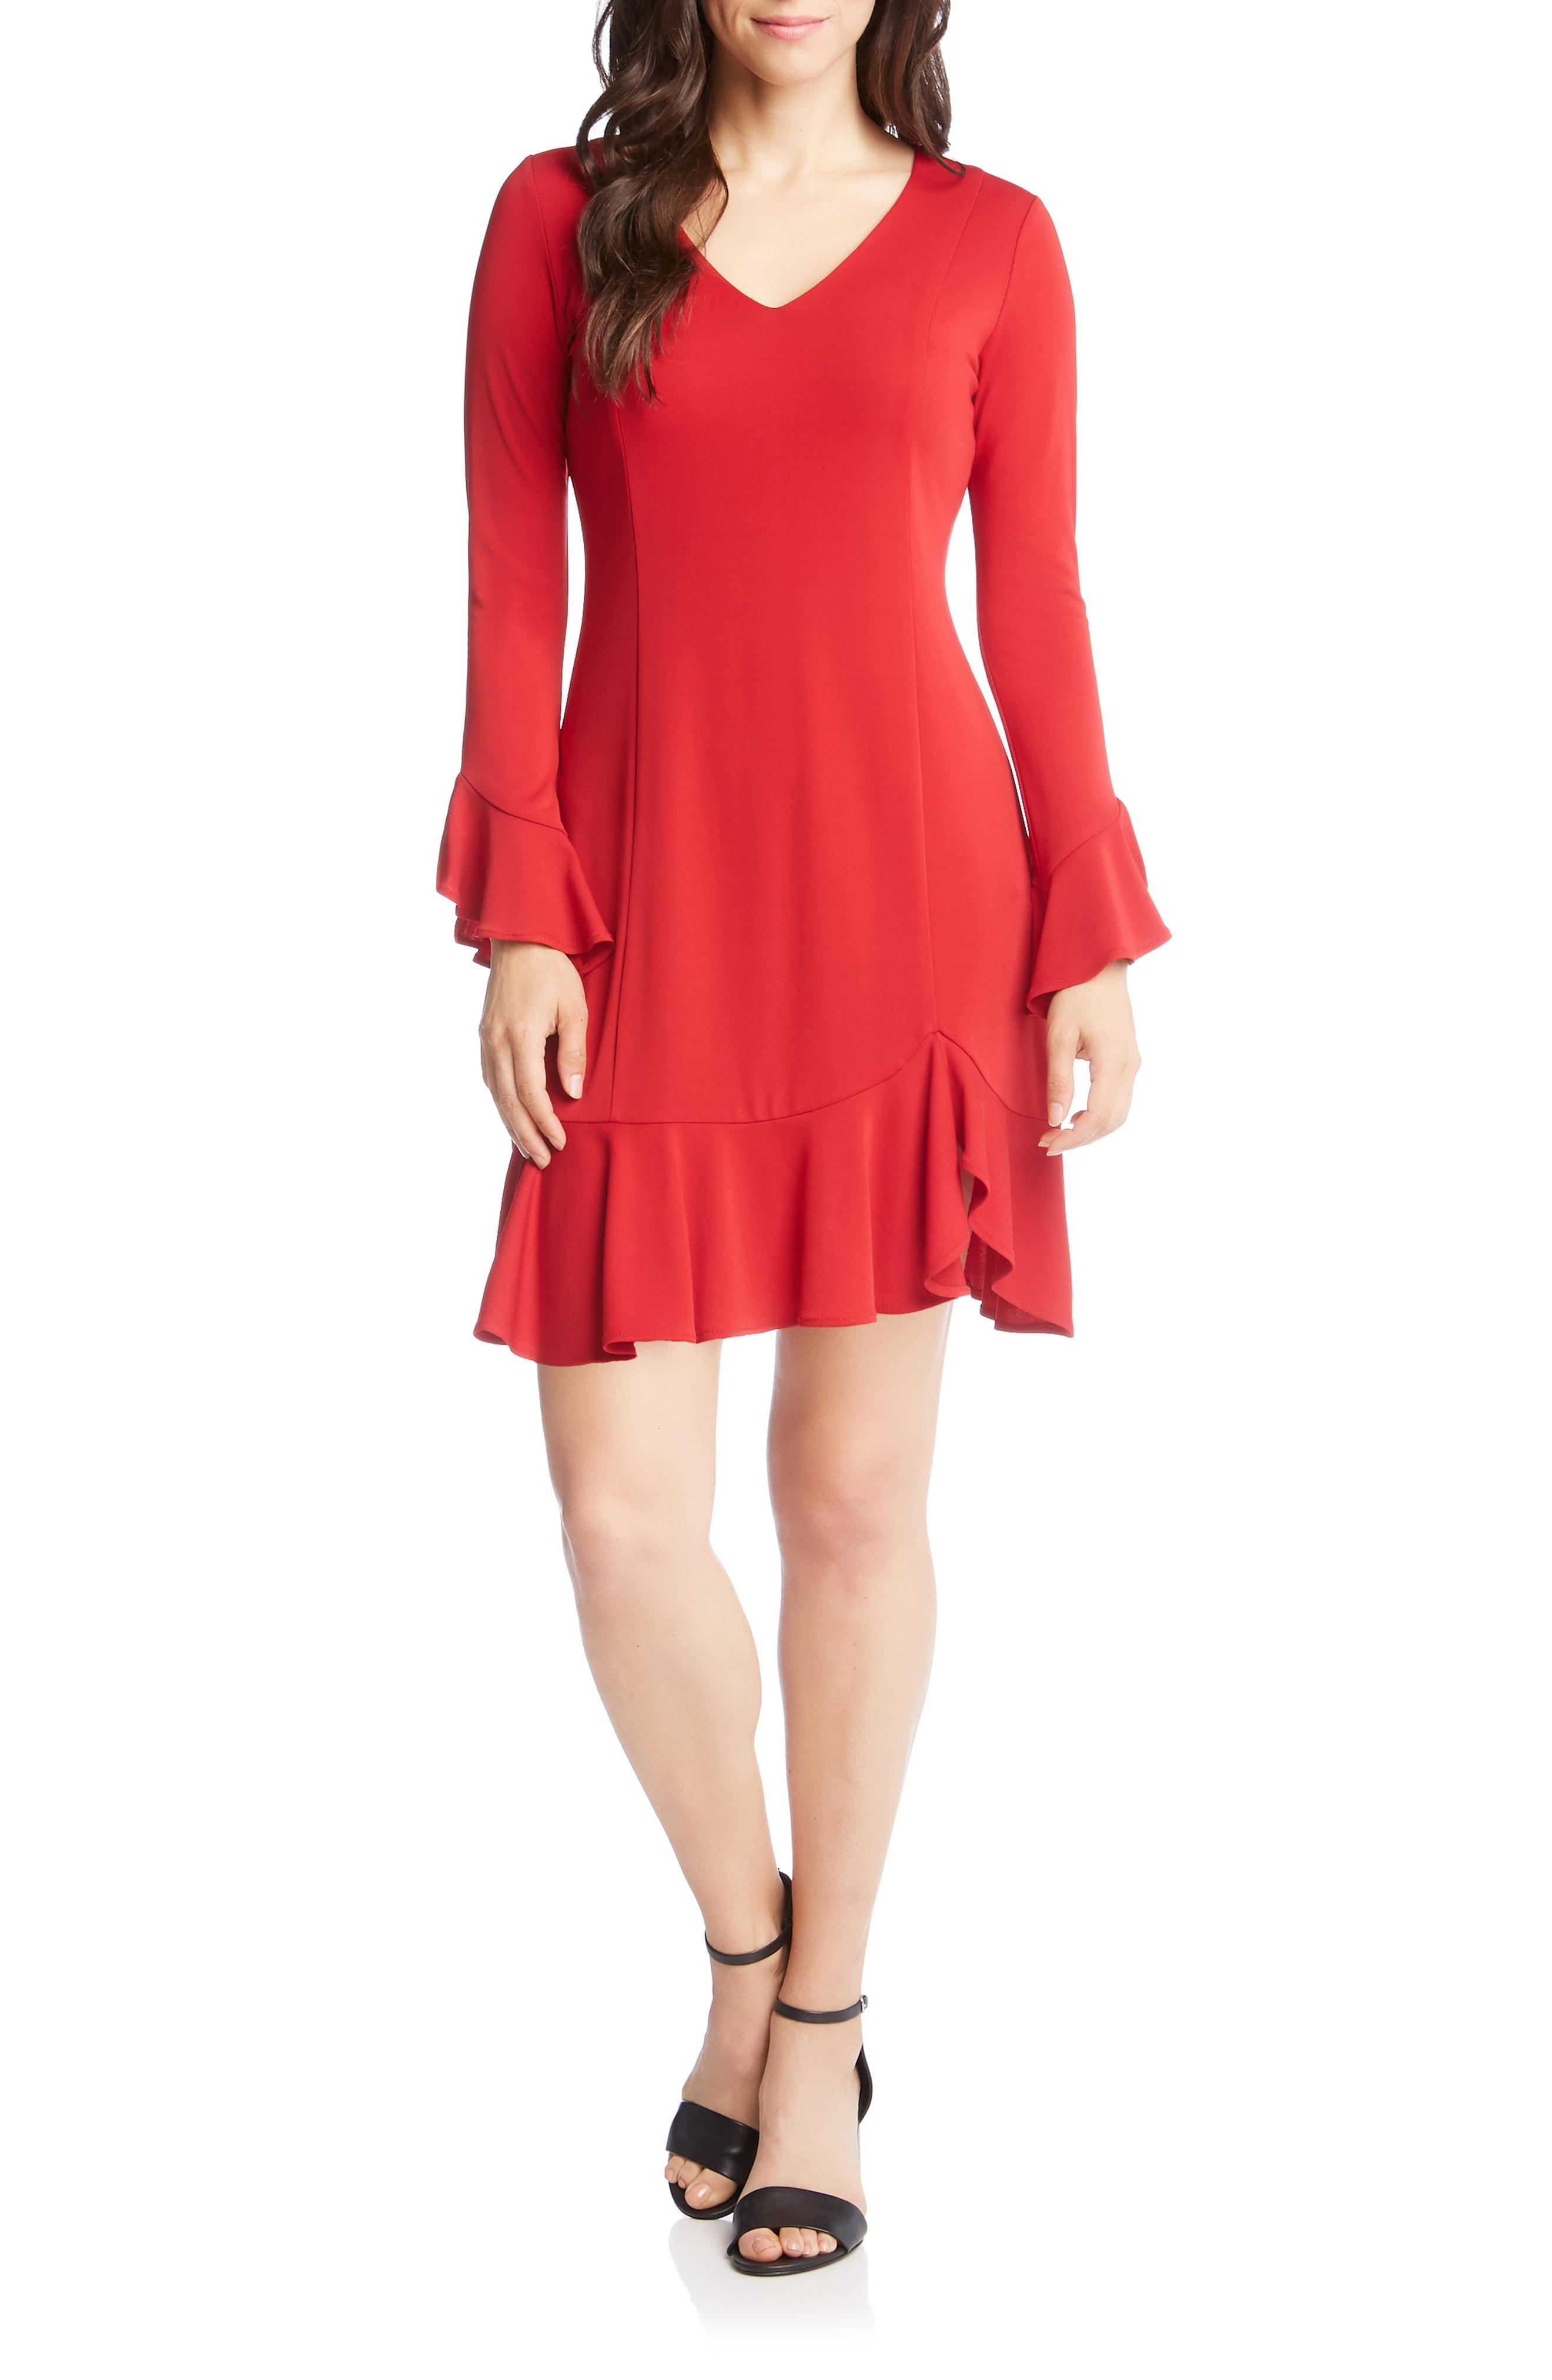 Karen Kane Sienna Ruffle Trim Dress